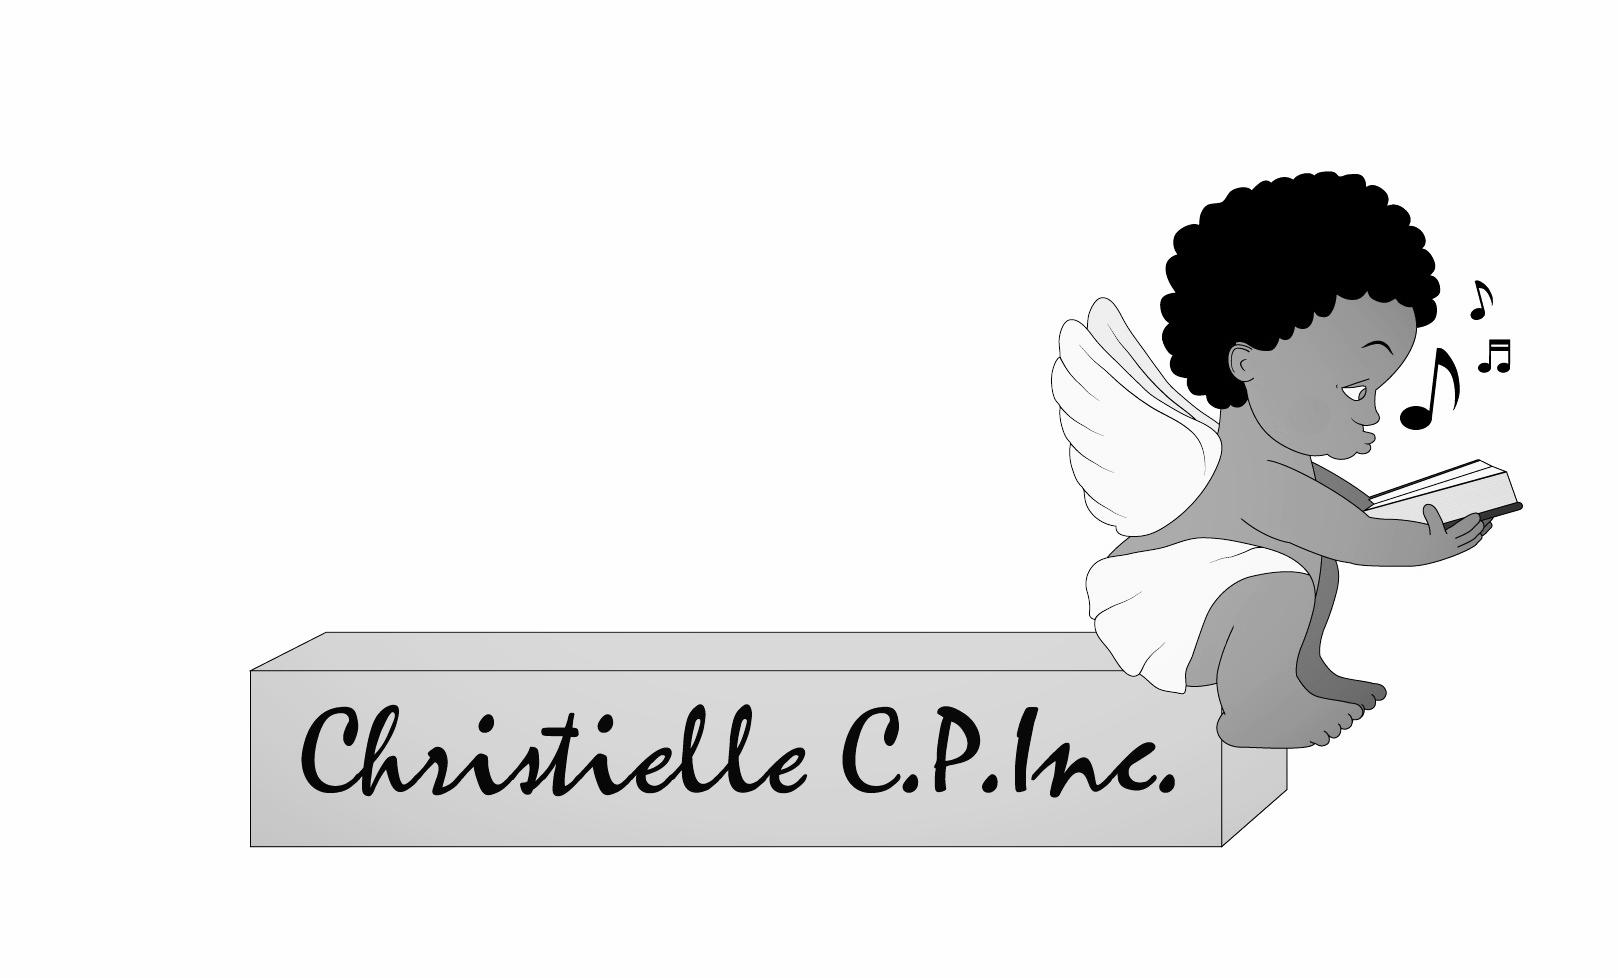 christelle logo.jpg